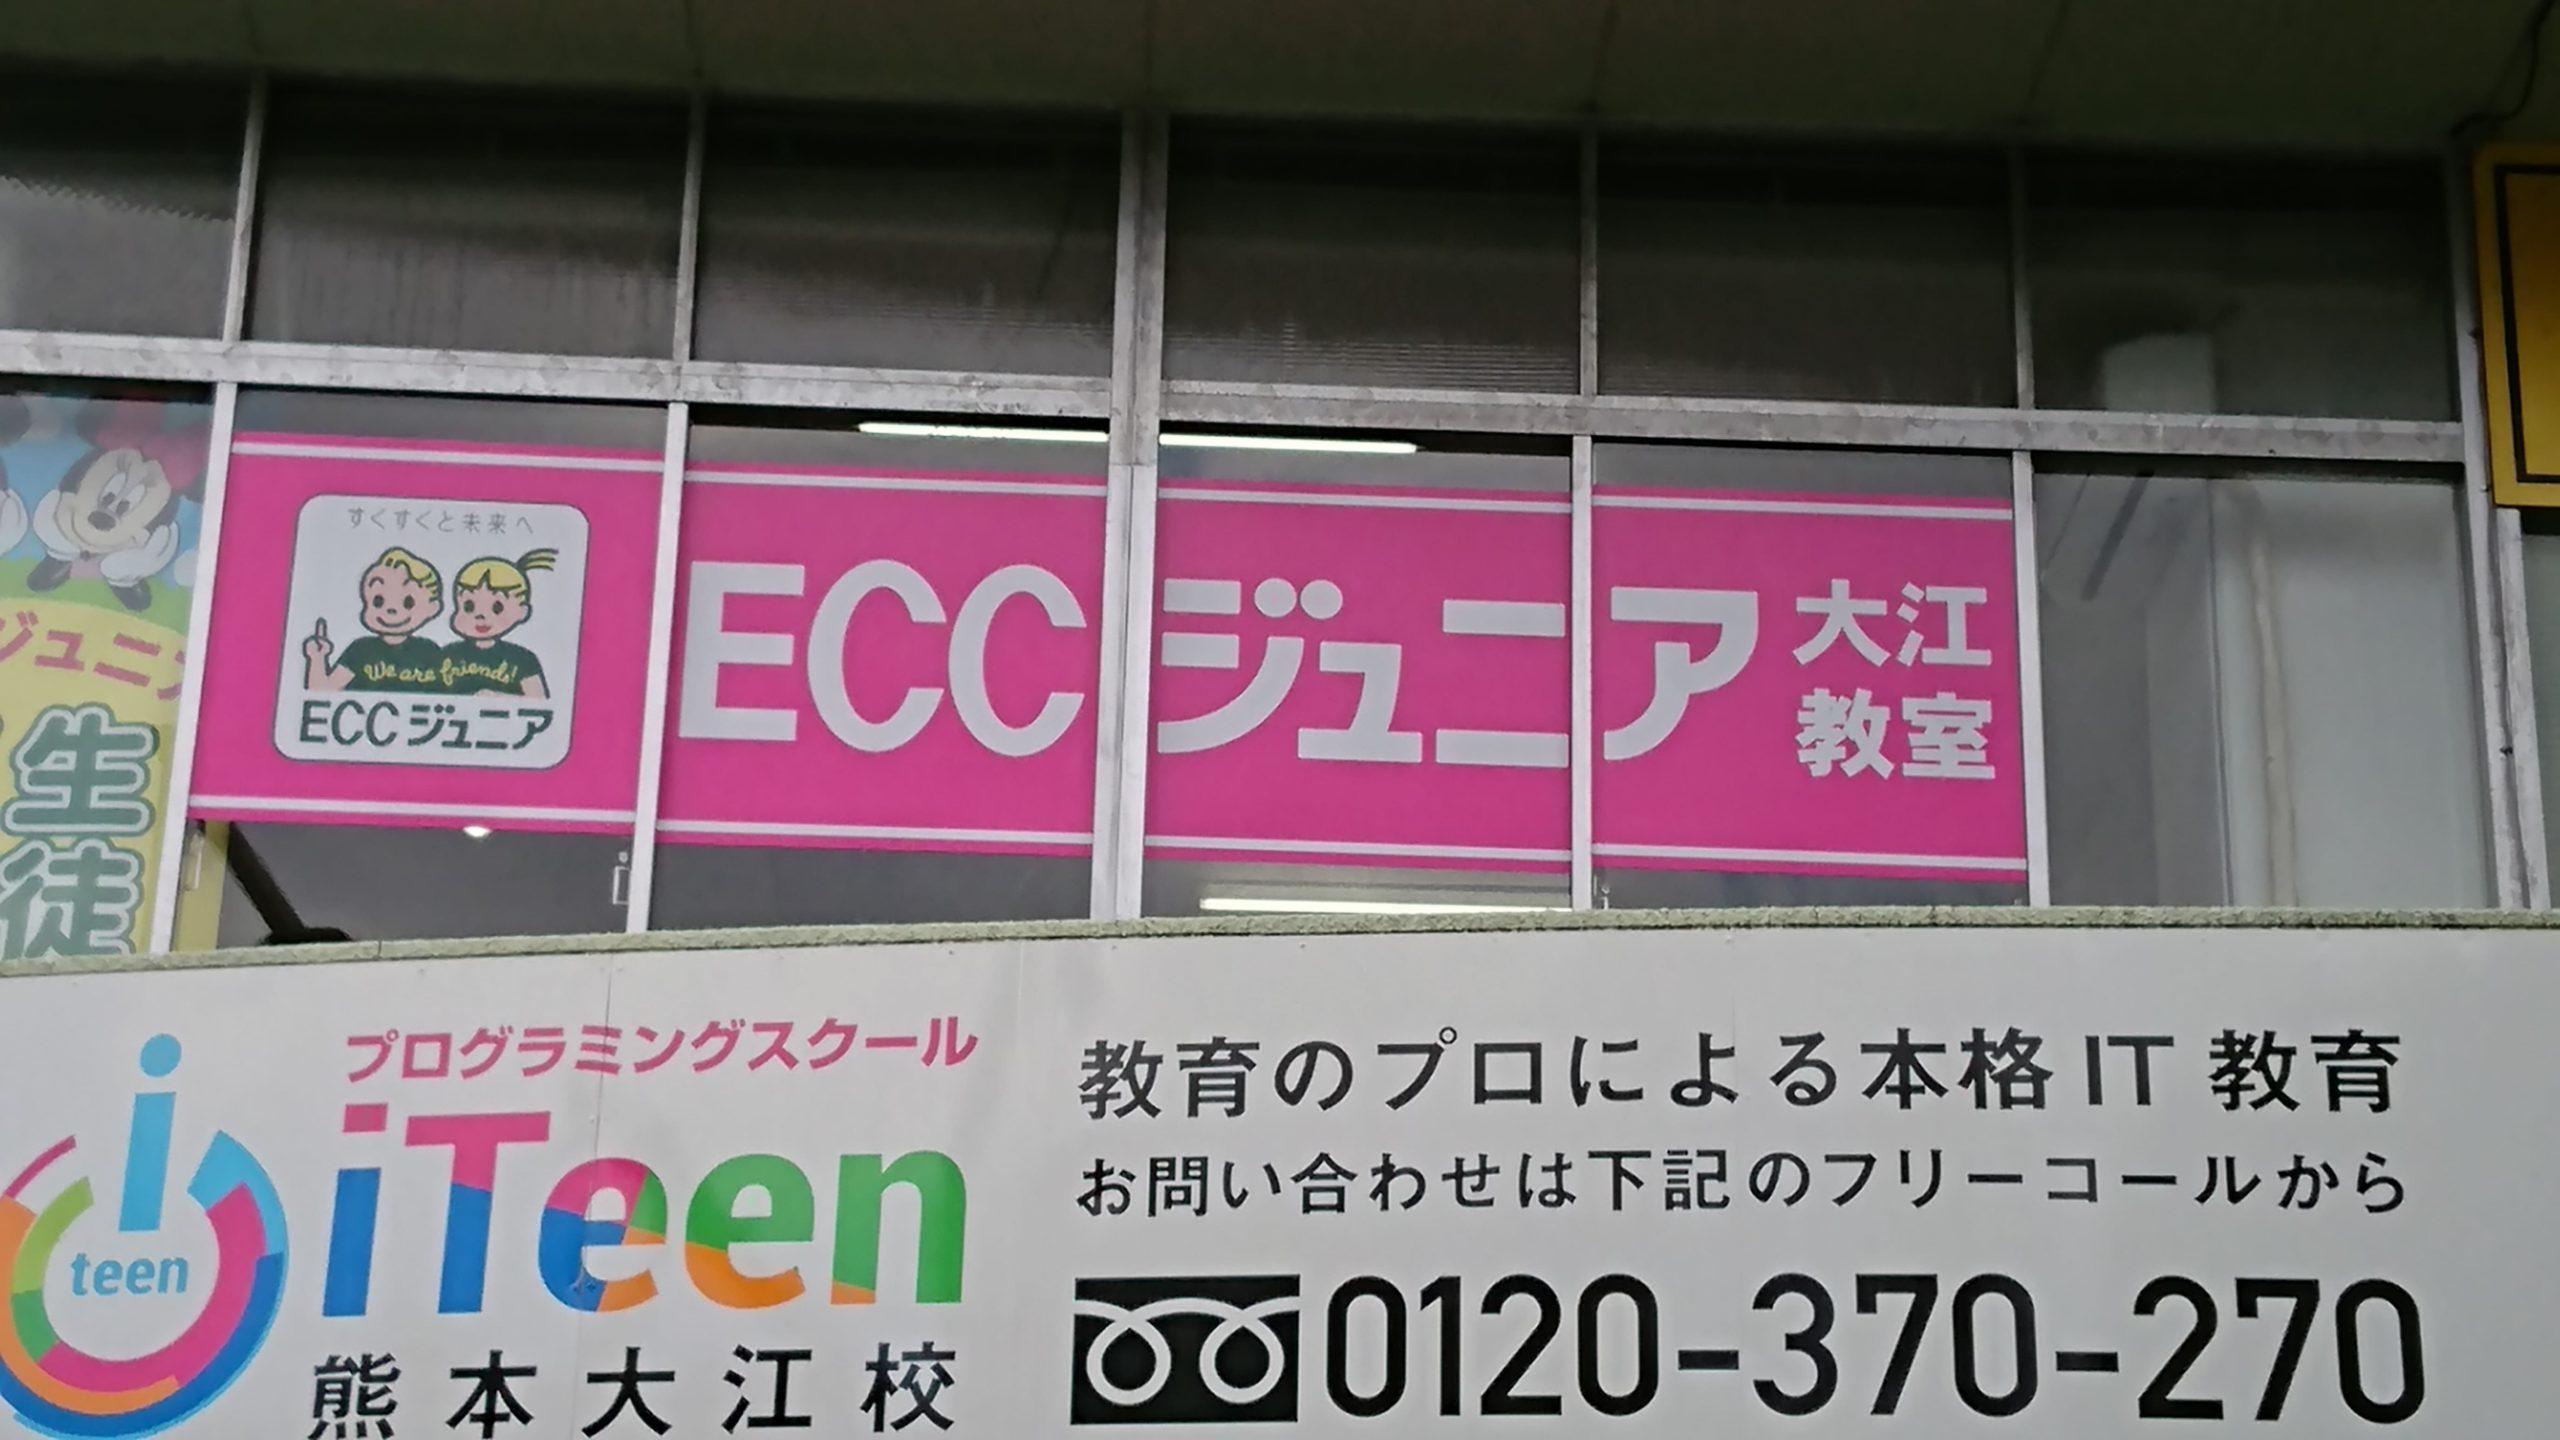 ECCジュニア大江教室